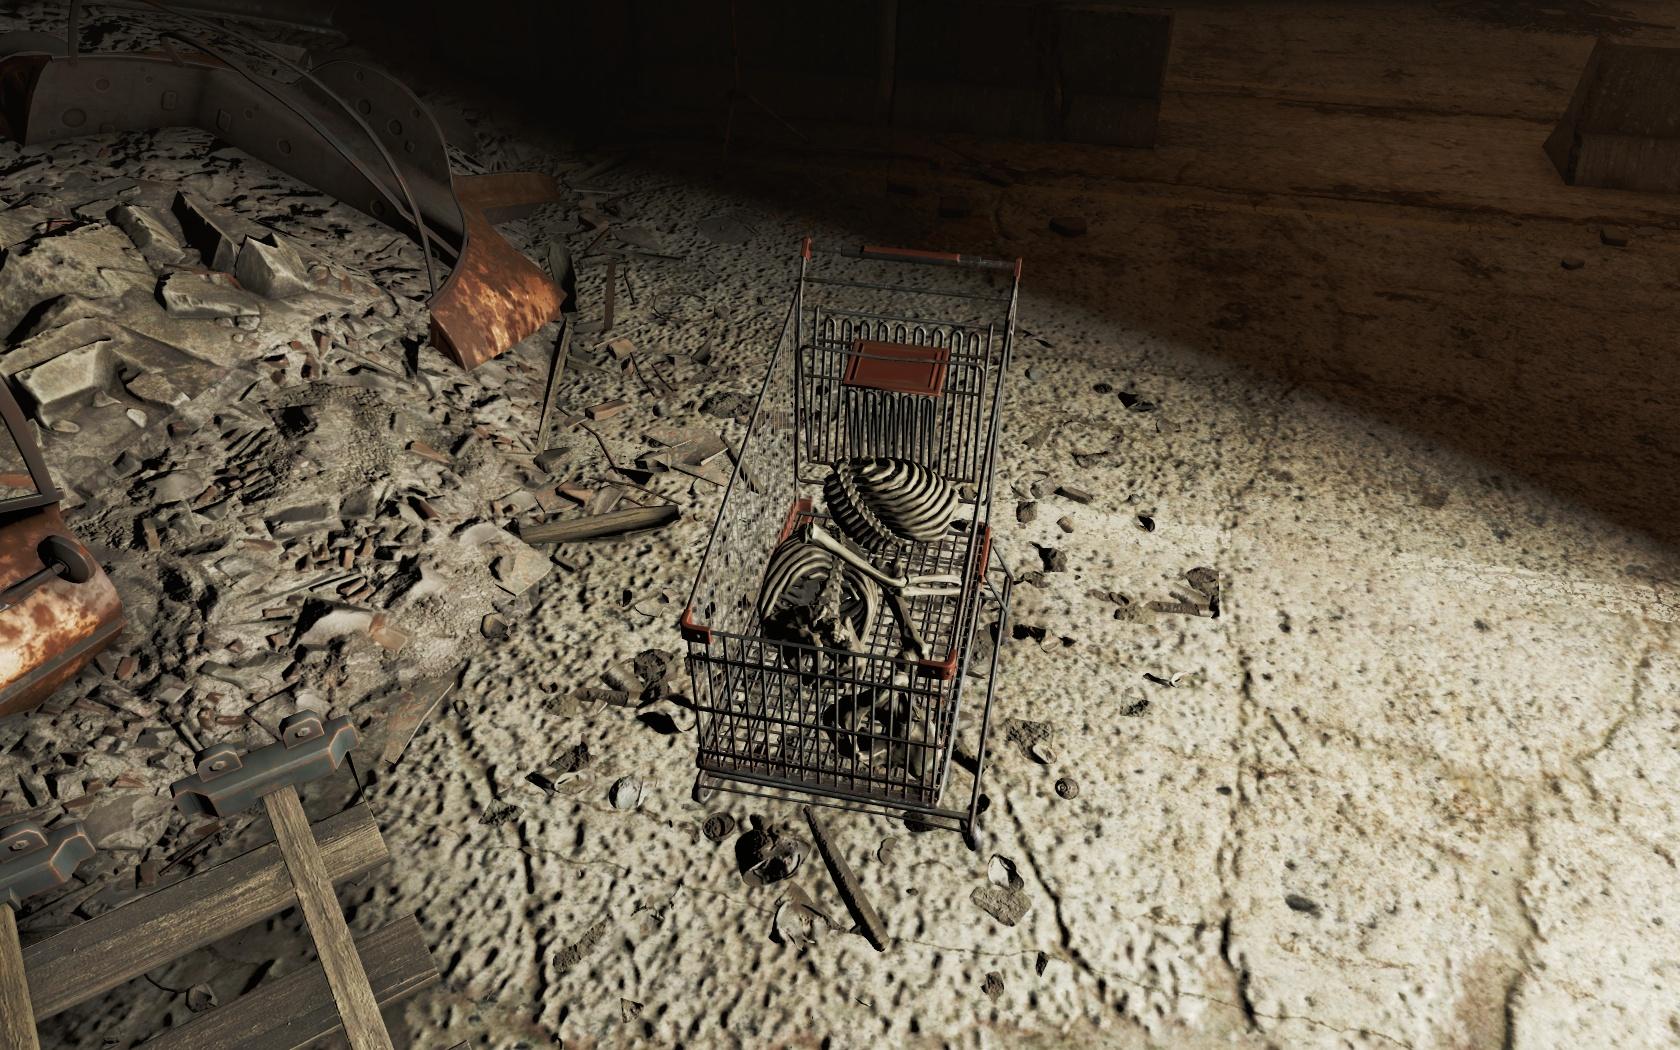 Только что из магазина с покупками (Тоннель Масс-Пайк) - Fallout 4 Масс-Пайк, скелет, Тоннель, Тоннель Масс-Пайк